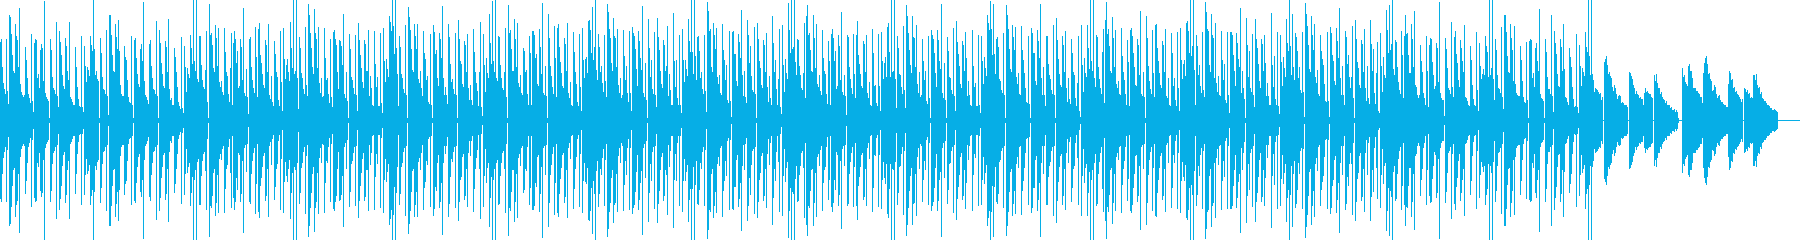 Lo-Fiな音色のHiphopの再生済みの波形